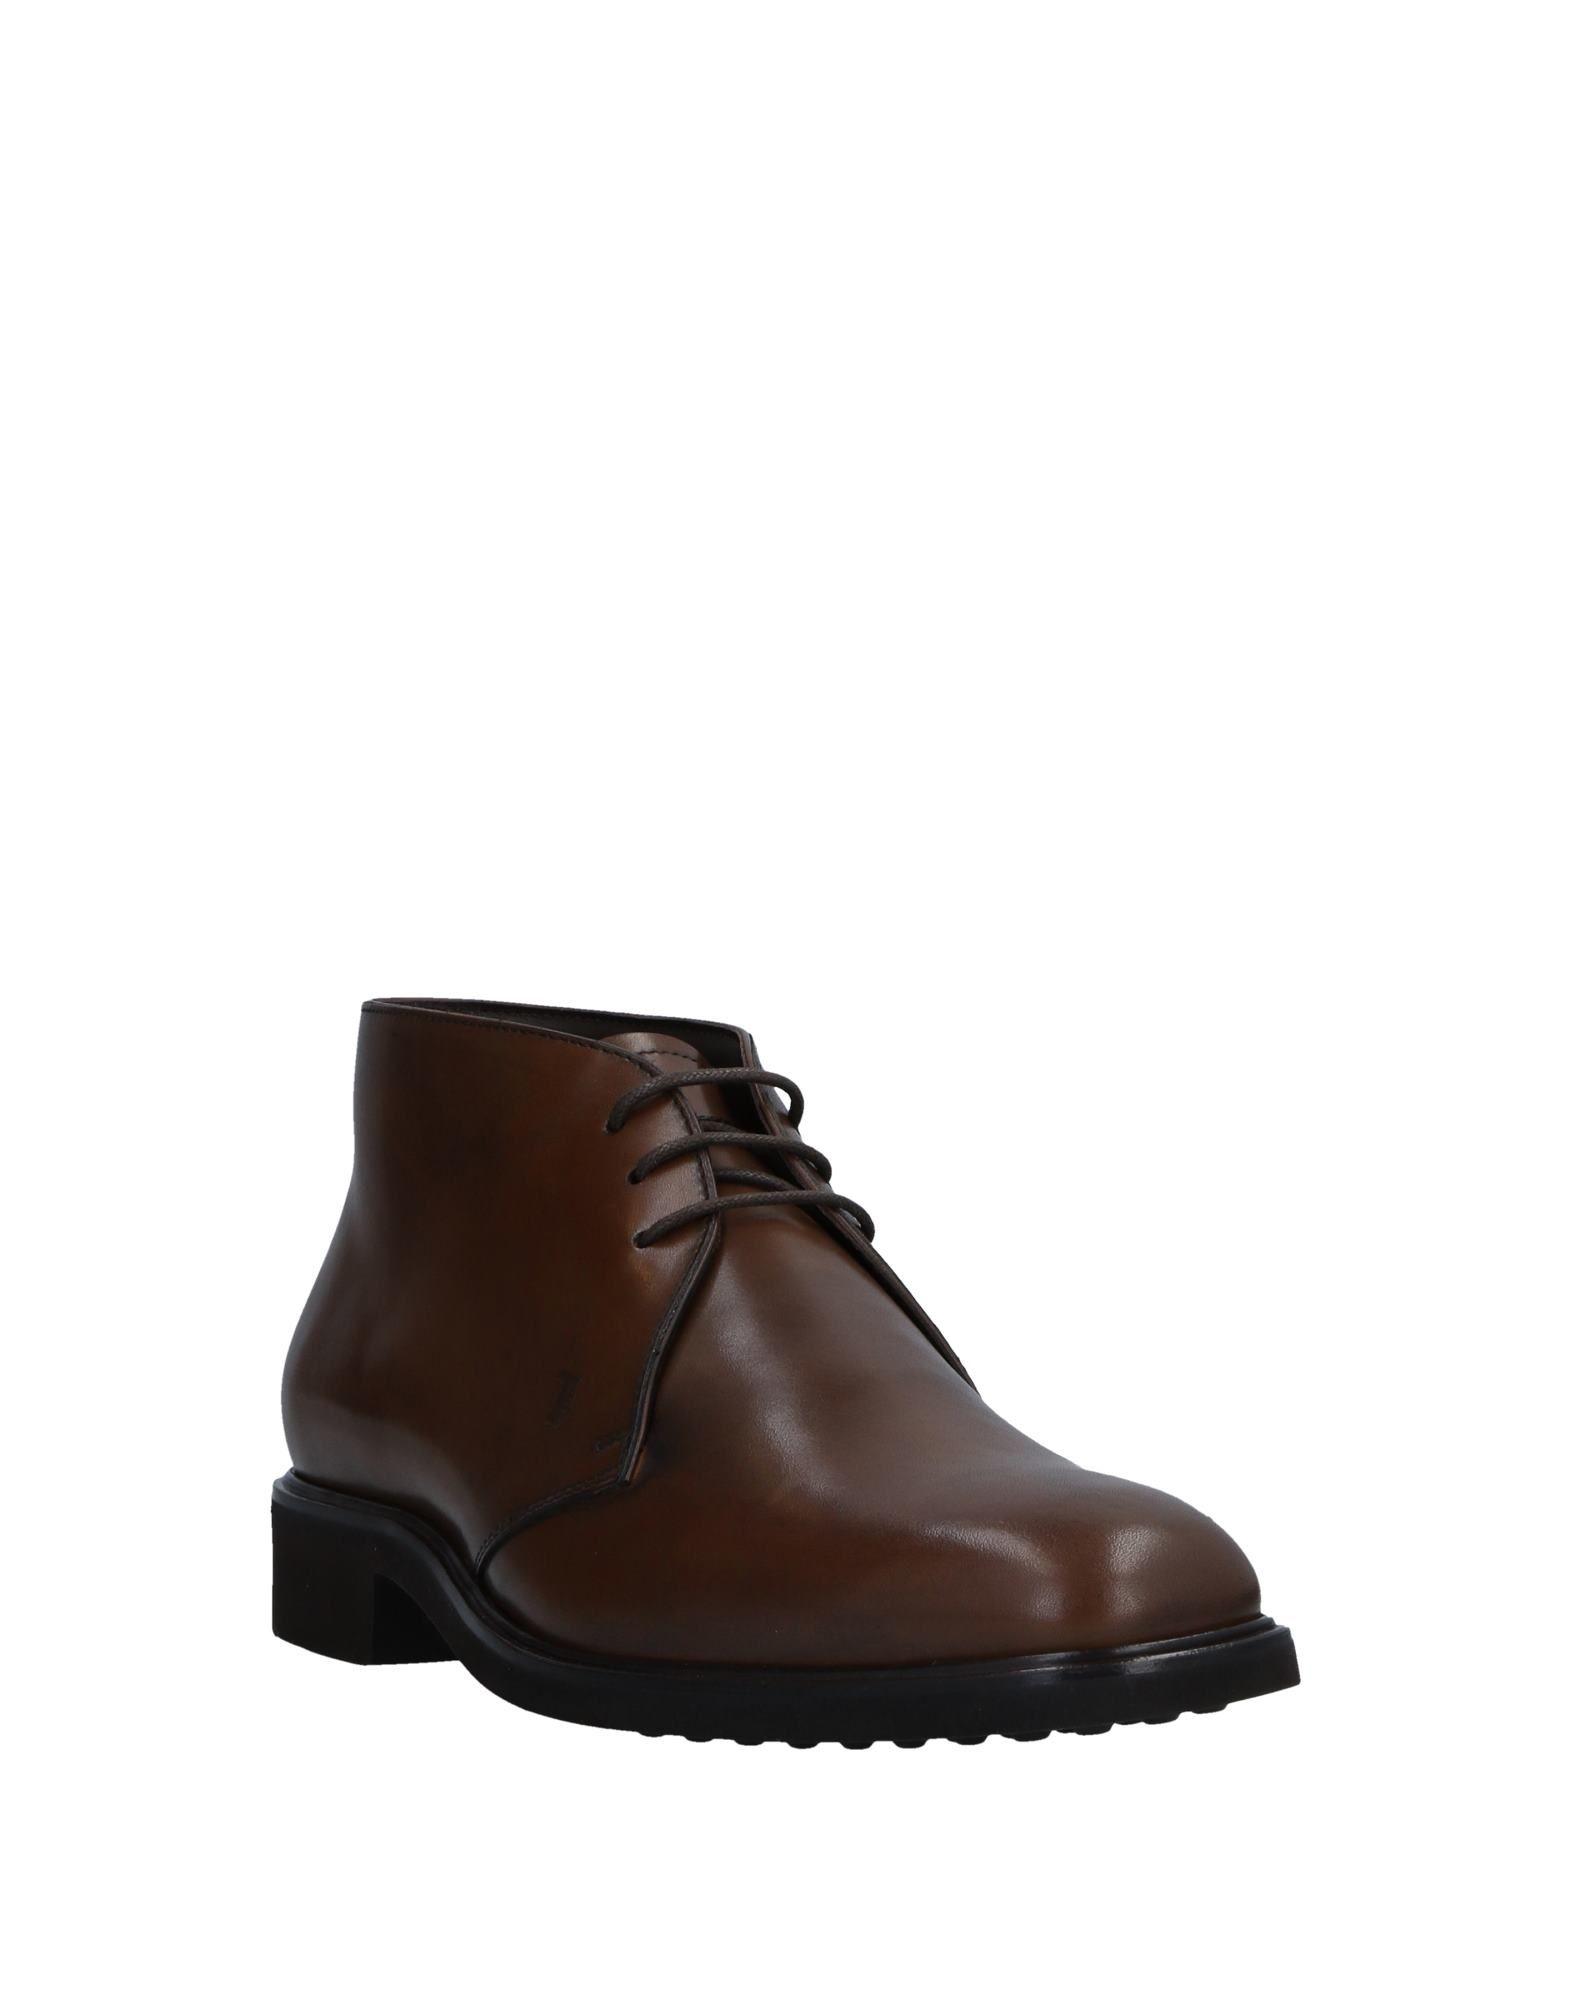 Tod's Stiefelette Gute Herren  11521805XU Gute Stiefelette Qualität beliebte Schuhe a49ffe